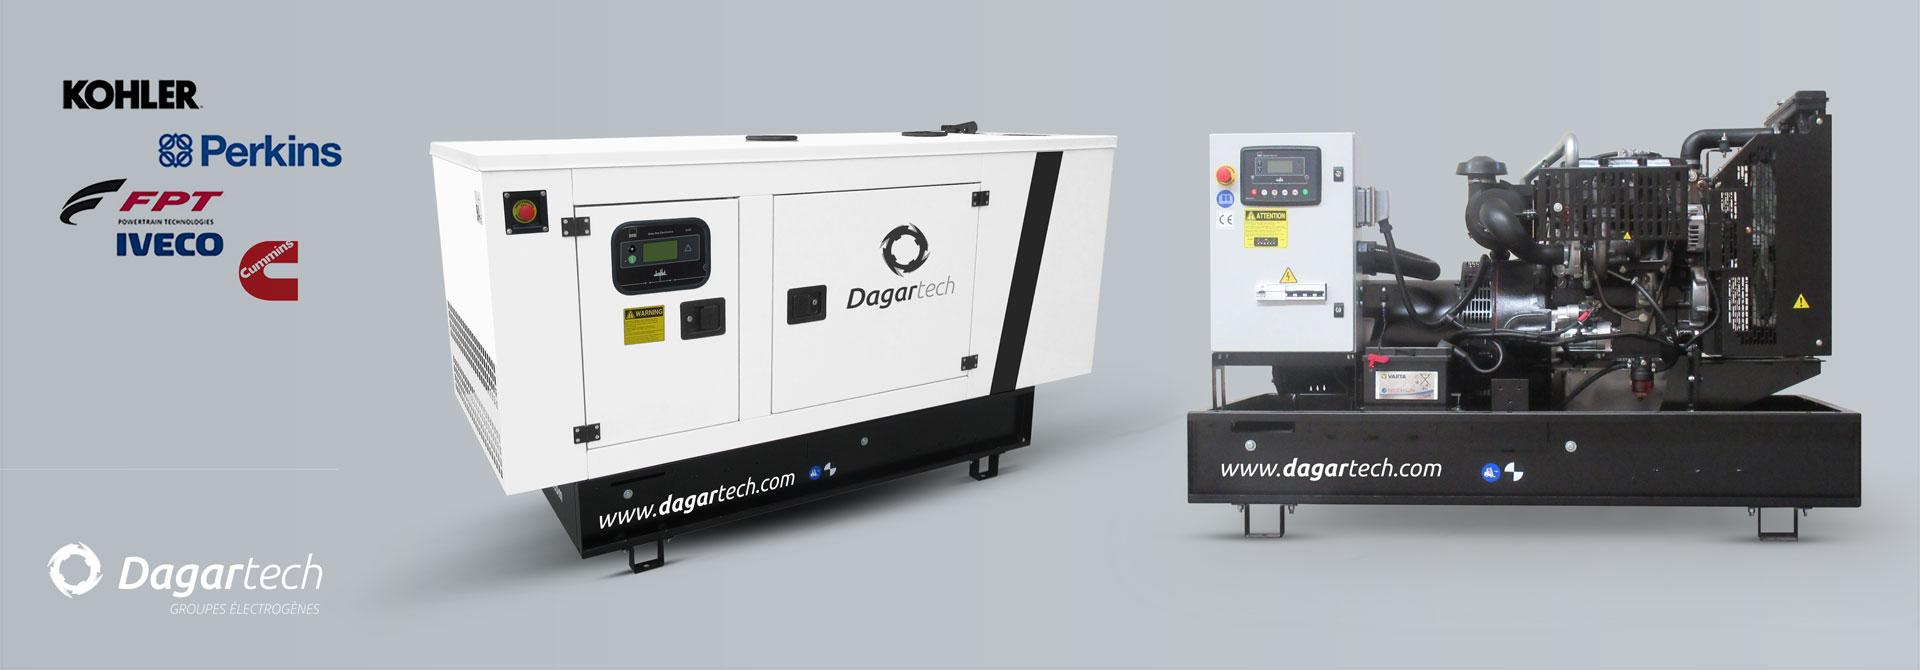 Groupe électrogène Balance pour espaces publics avec moteur Kohler, Perkins, Iveco, Cummins, Doosan ou Volvo avec refroidissment par eau de Dagartech